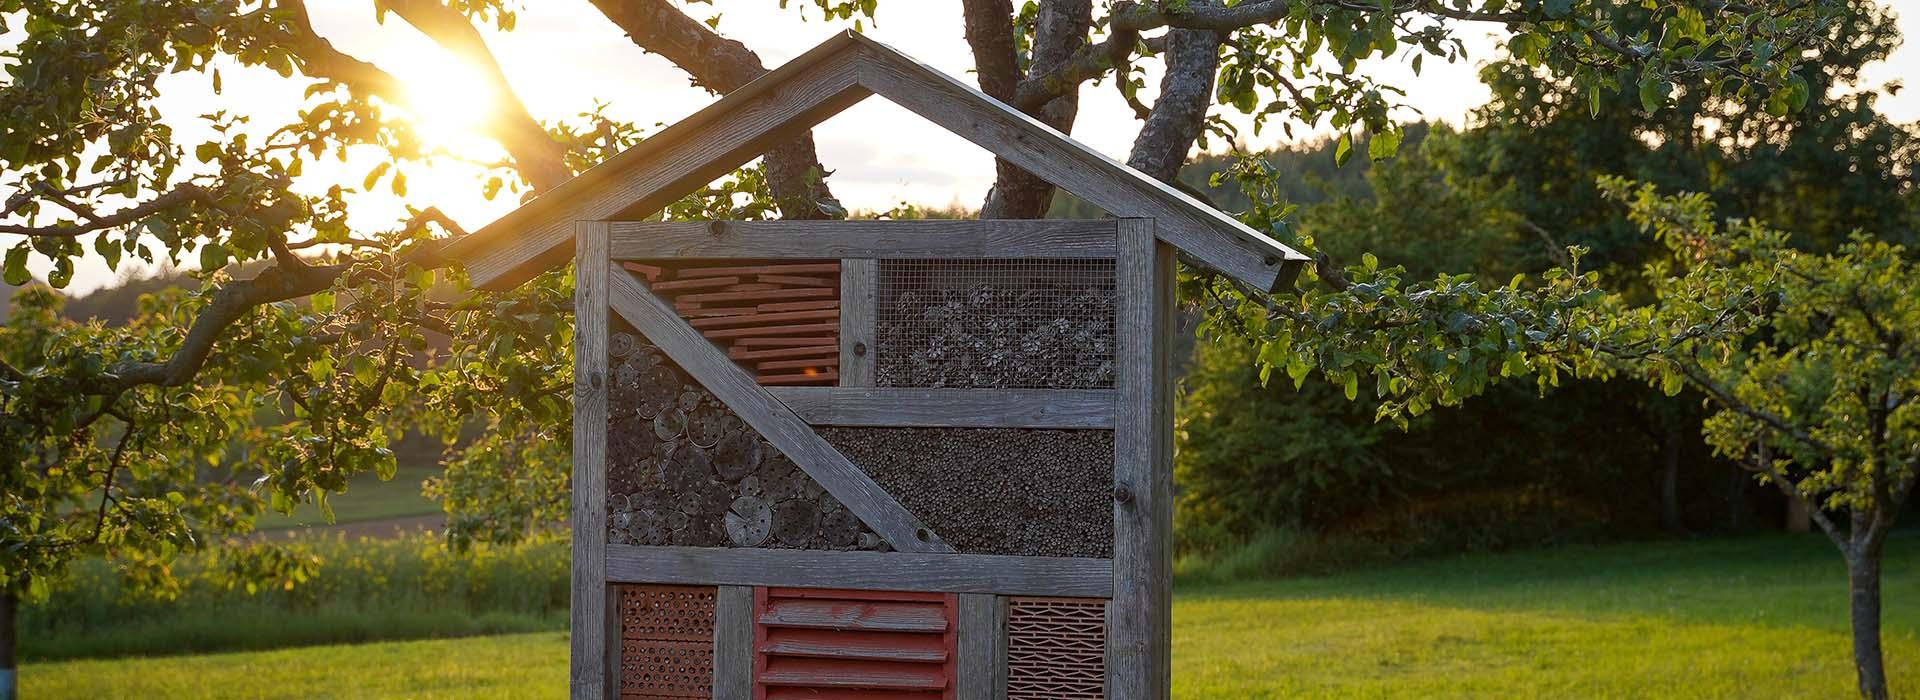 Insektenhotel aufstellen – aber wo?